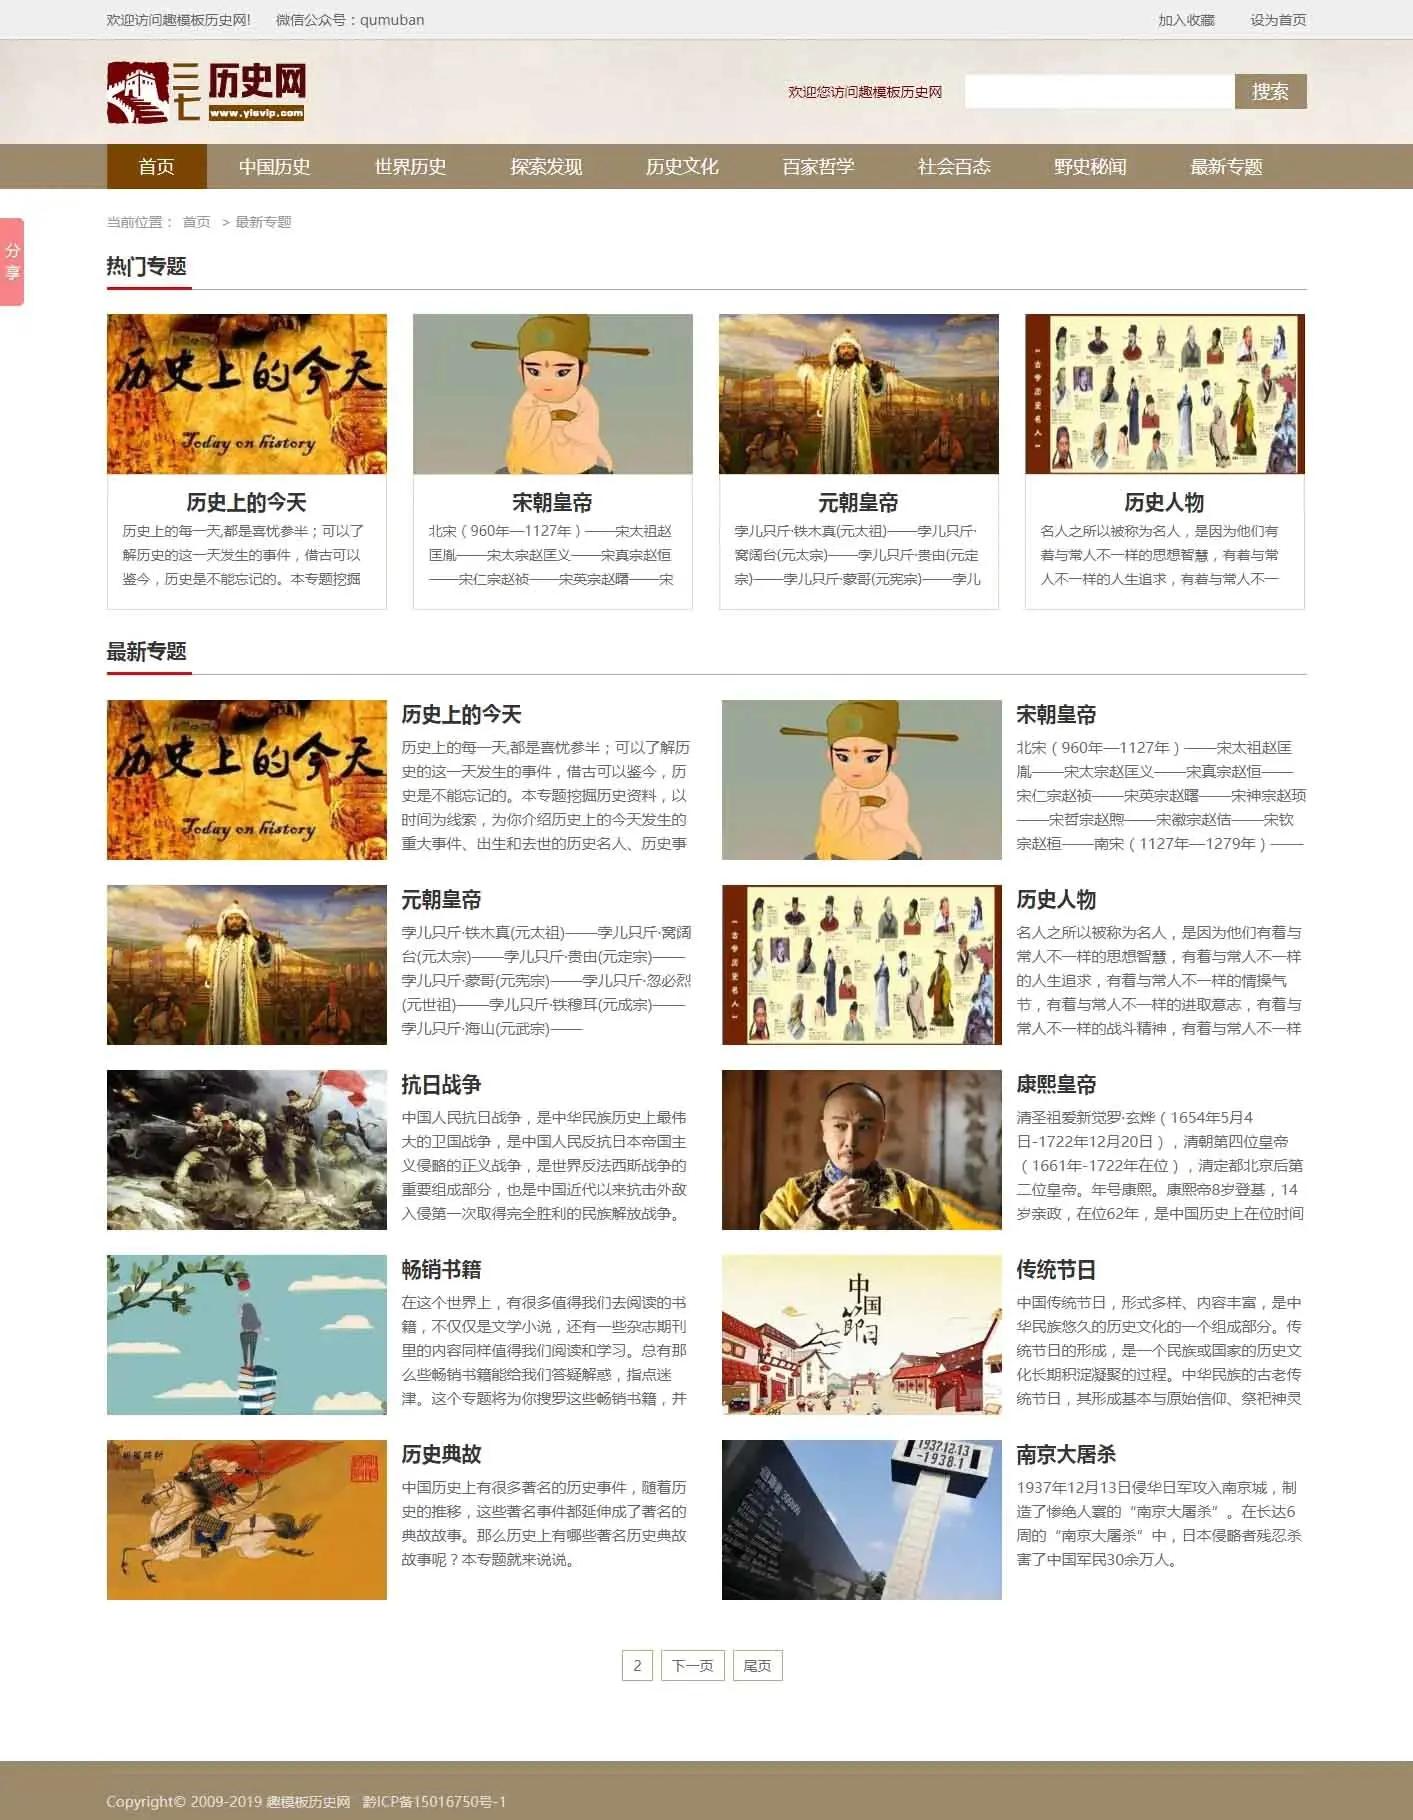 帝国CMS模板|中国历史网整站数据MIP源码下载、带Tags提取插件